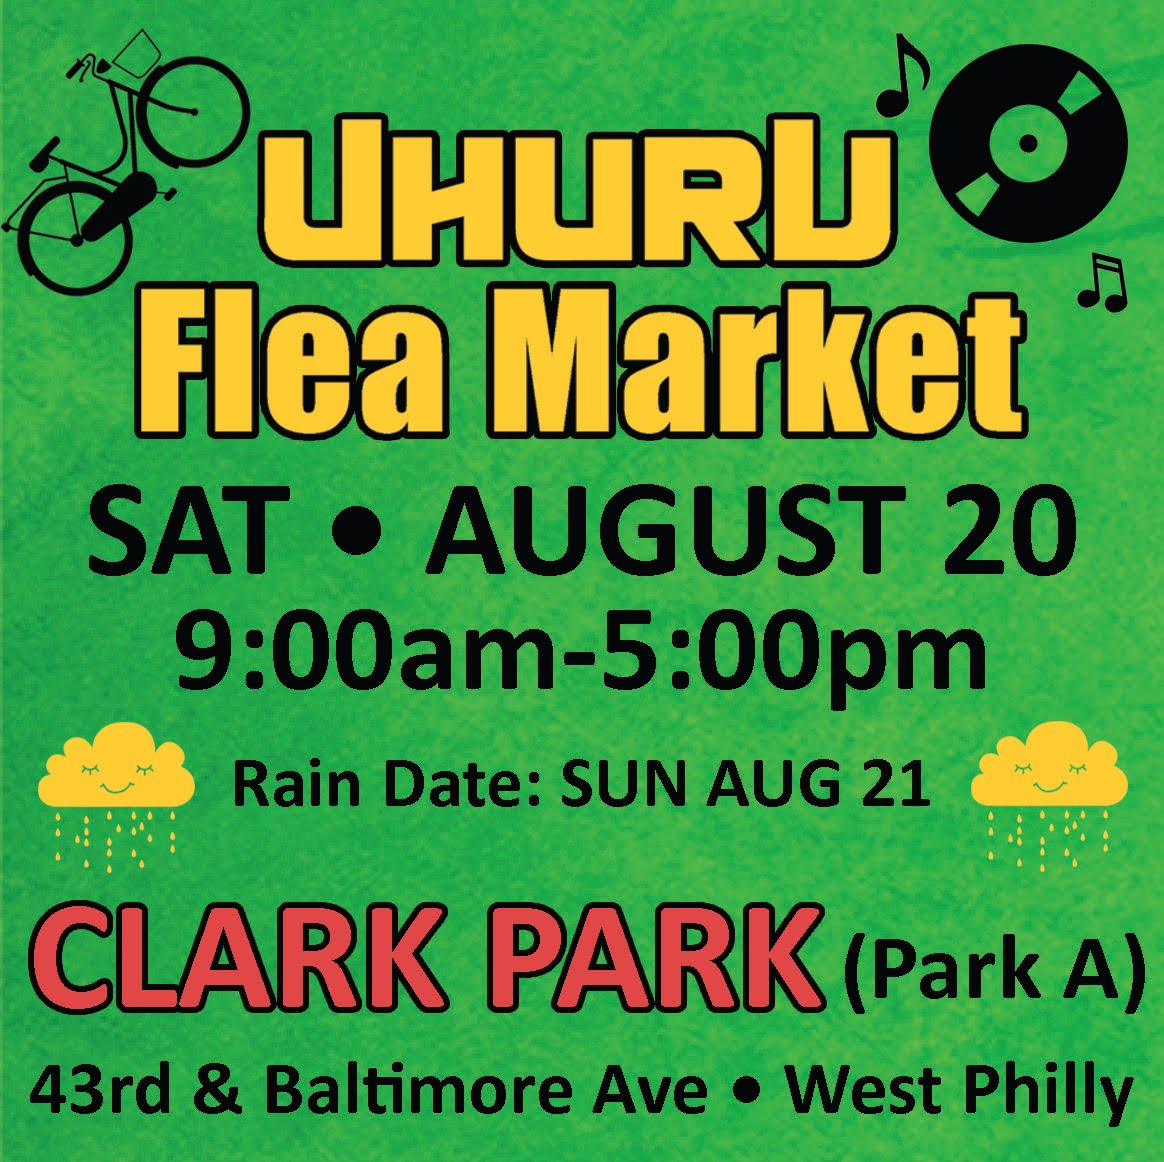 Uhuru Flea Market - SAT AUGUST 20th!